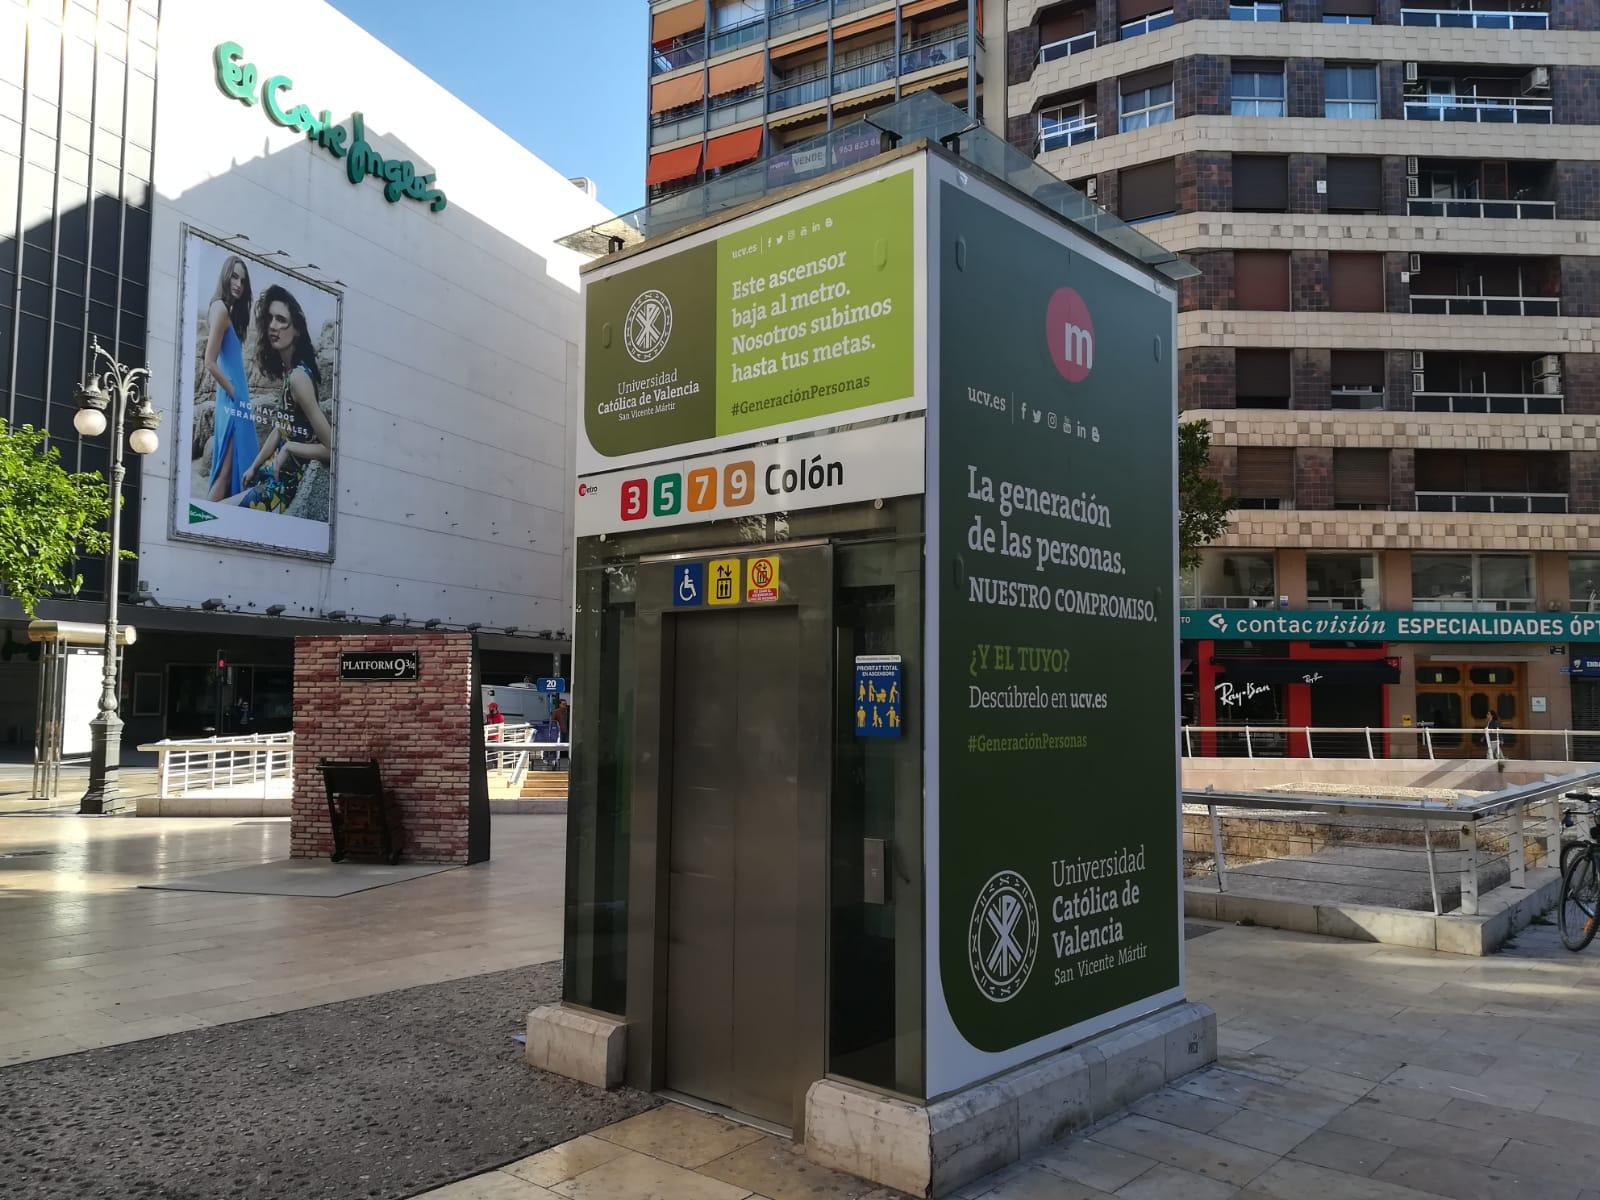 Fotografía publicidad en el ascensor de metrovalencia